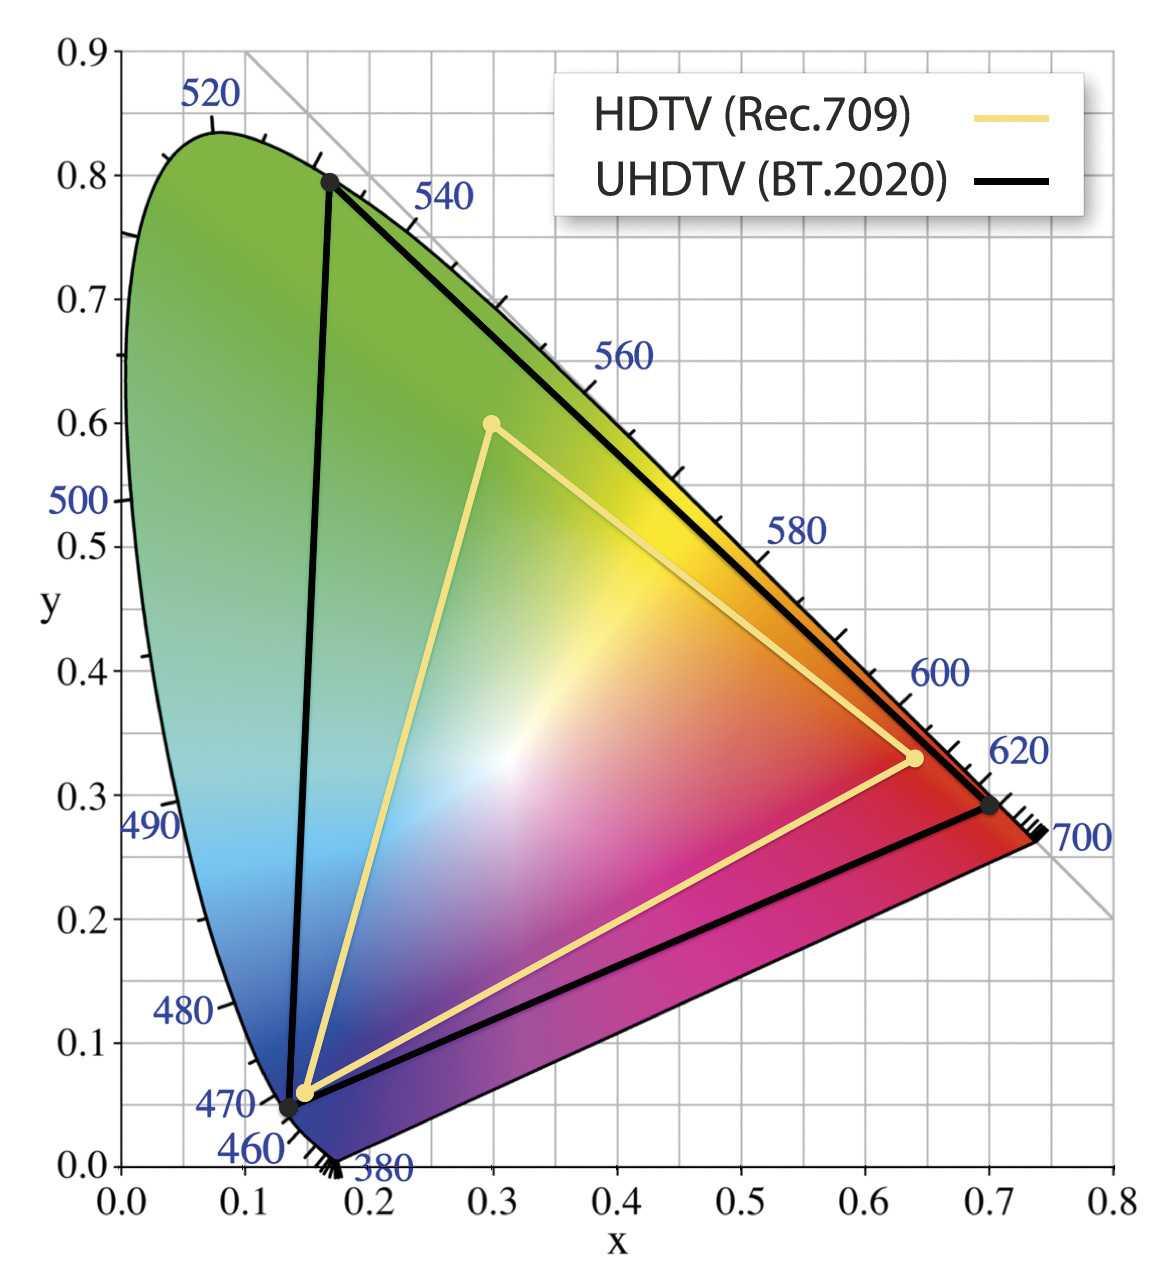 Die Farbräume Rec.709 (HD) und BT.2020 (UHD) im Vergleich. Unterschiede lassen sich beispielsweise bei Goldtönen erkennen.